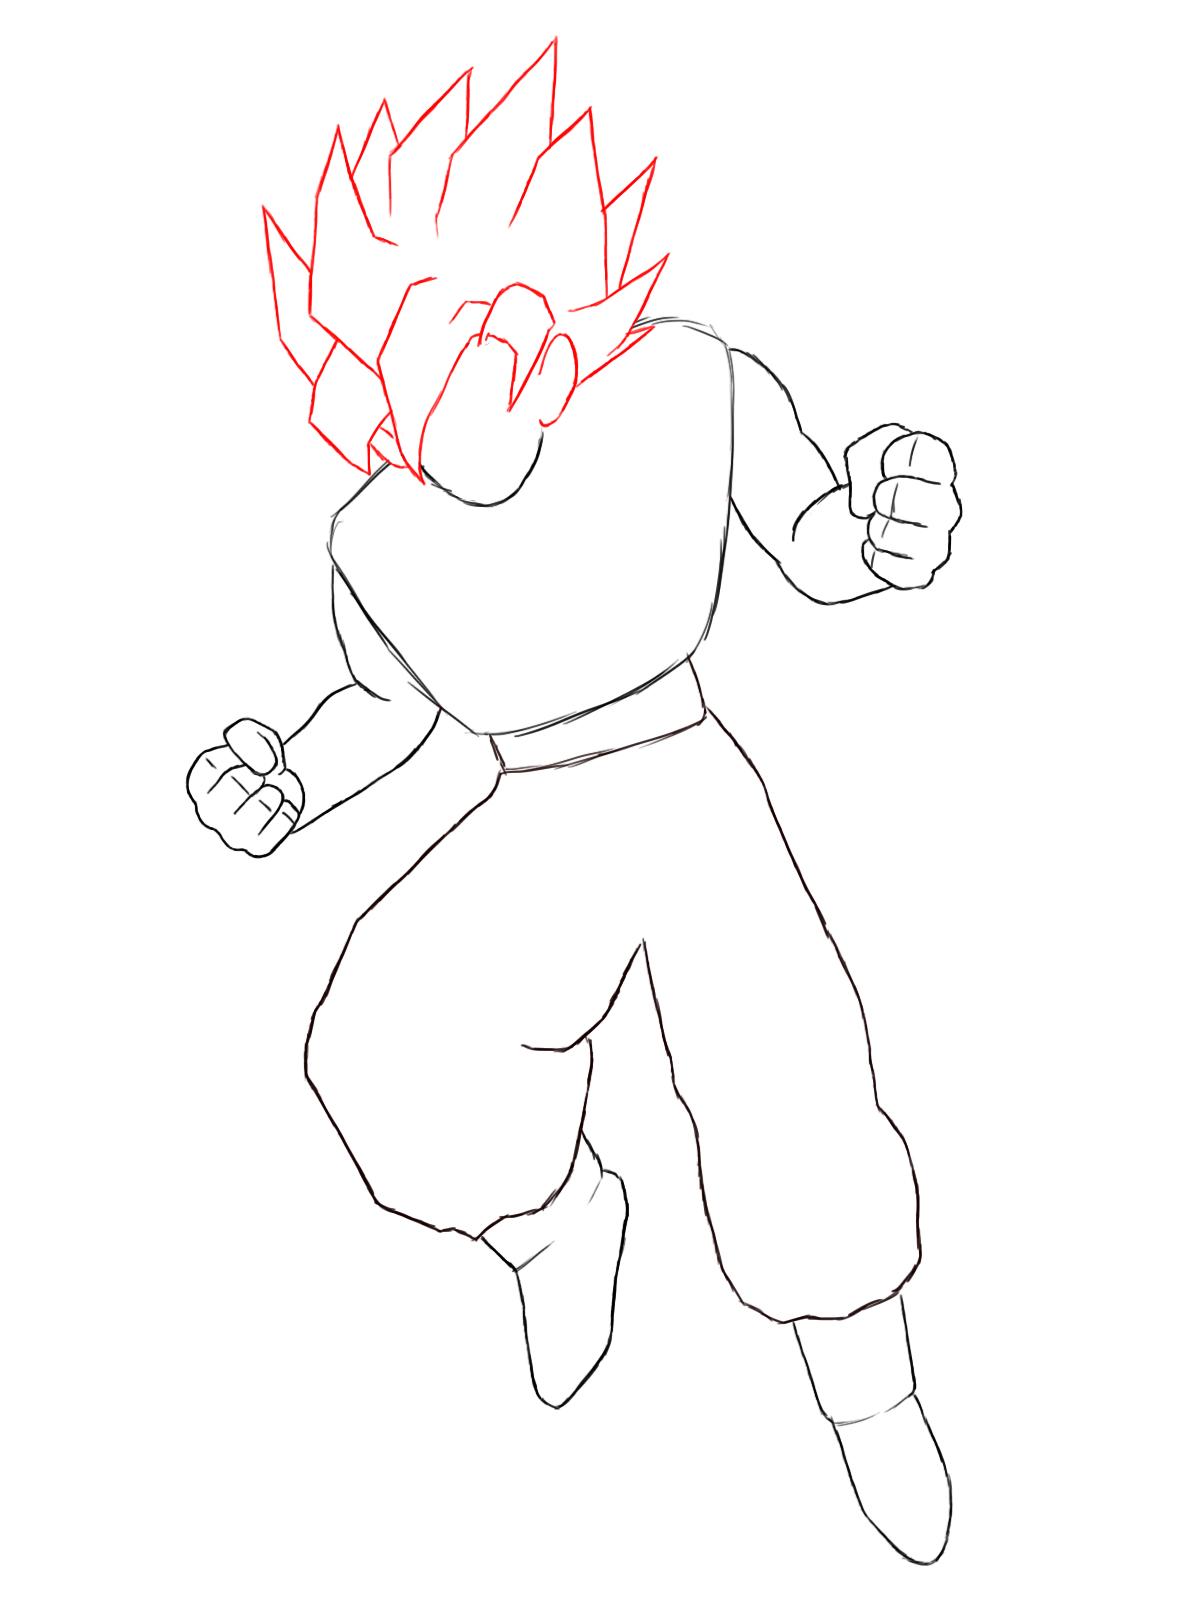 How To Draw Goku - Draw Central